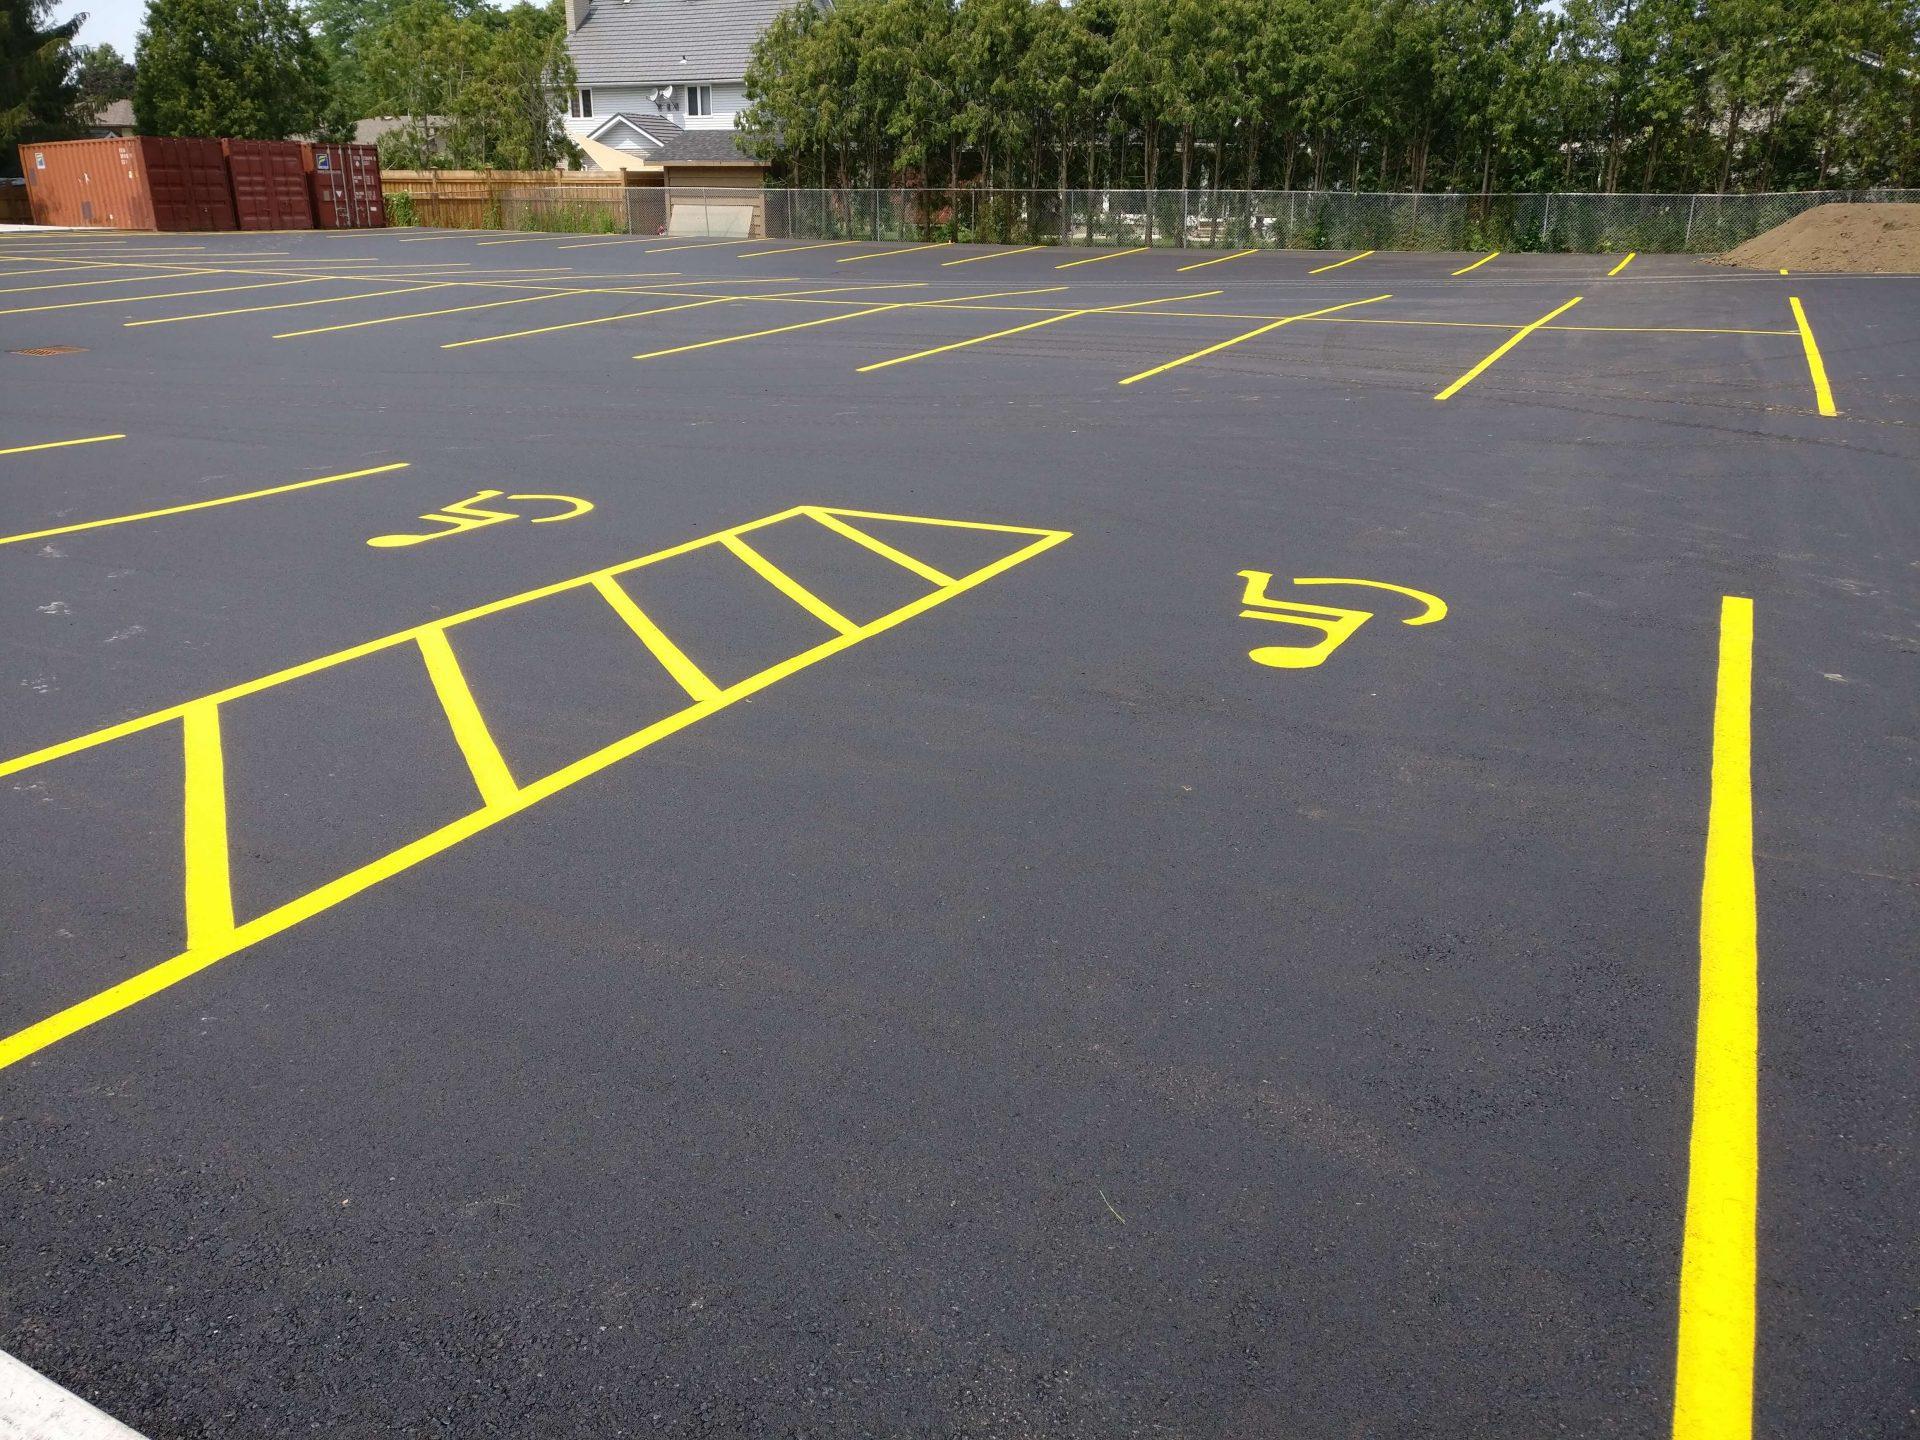 parking lot handicap spaces